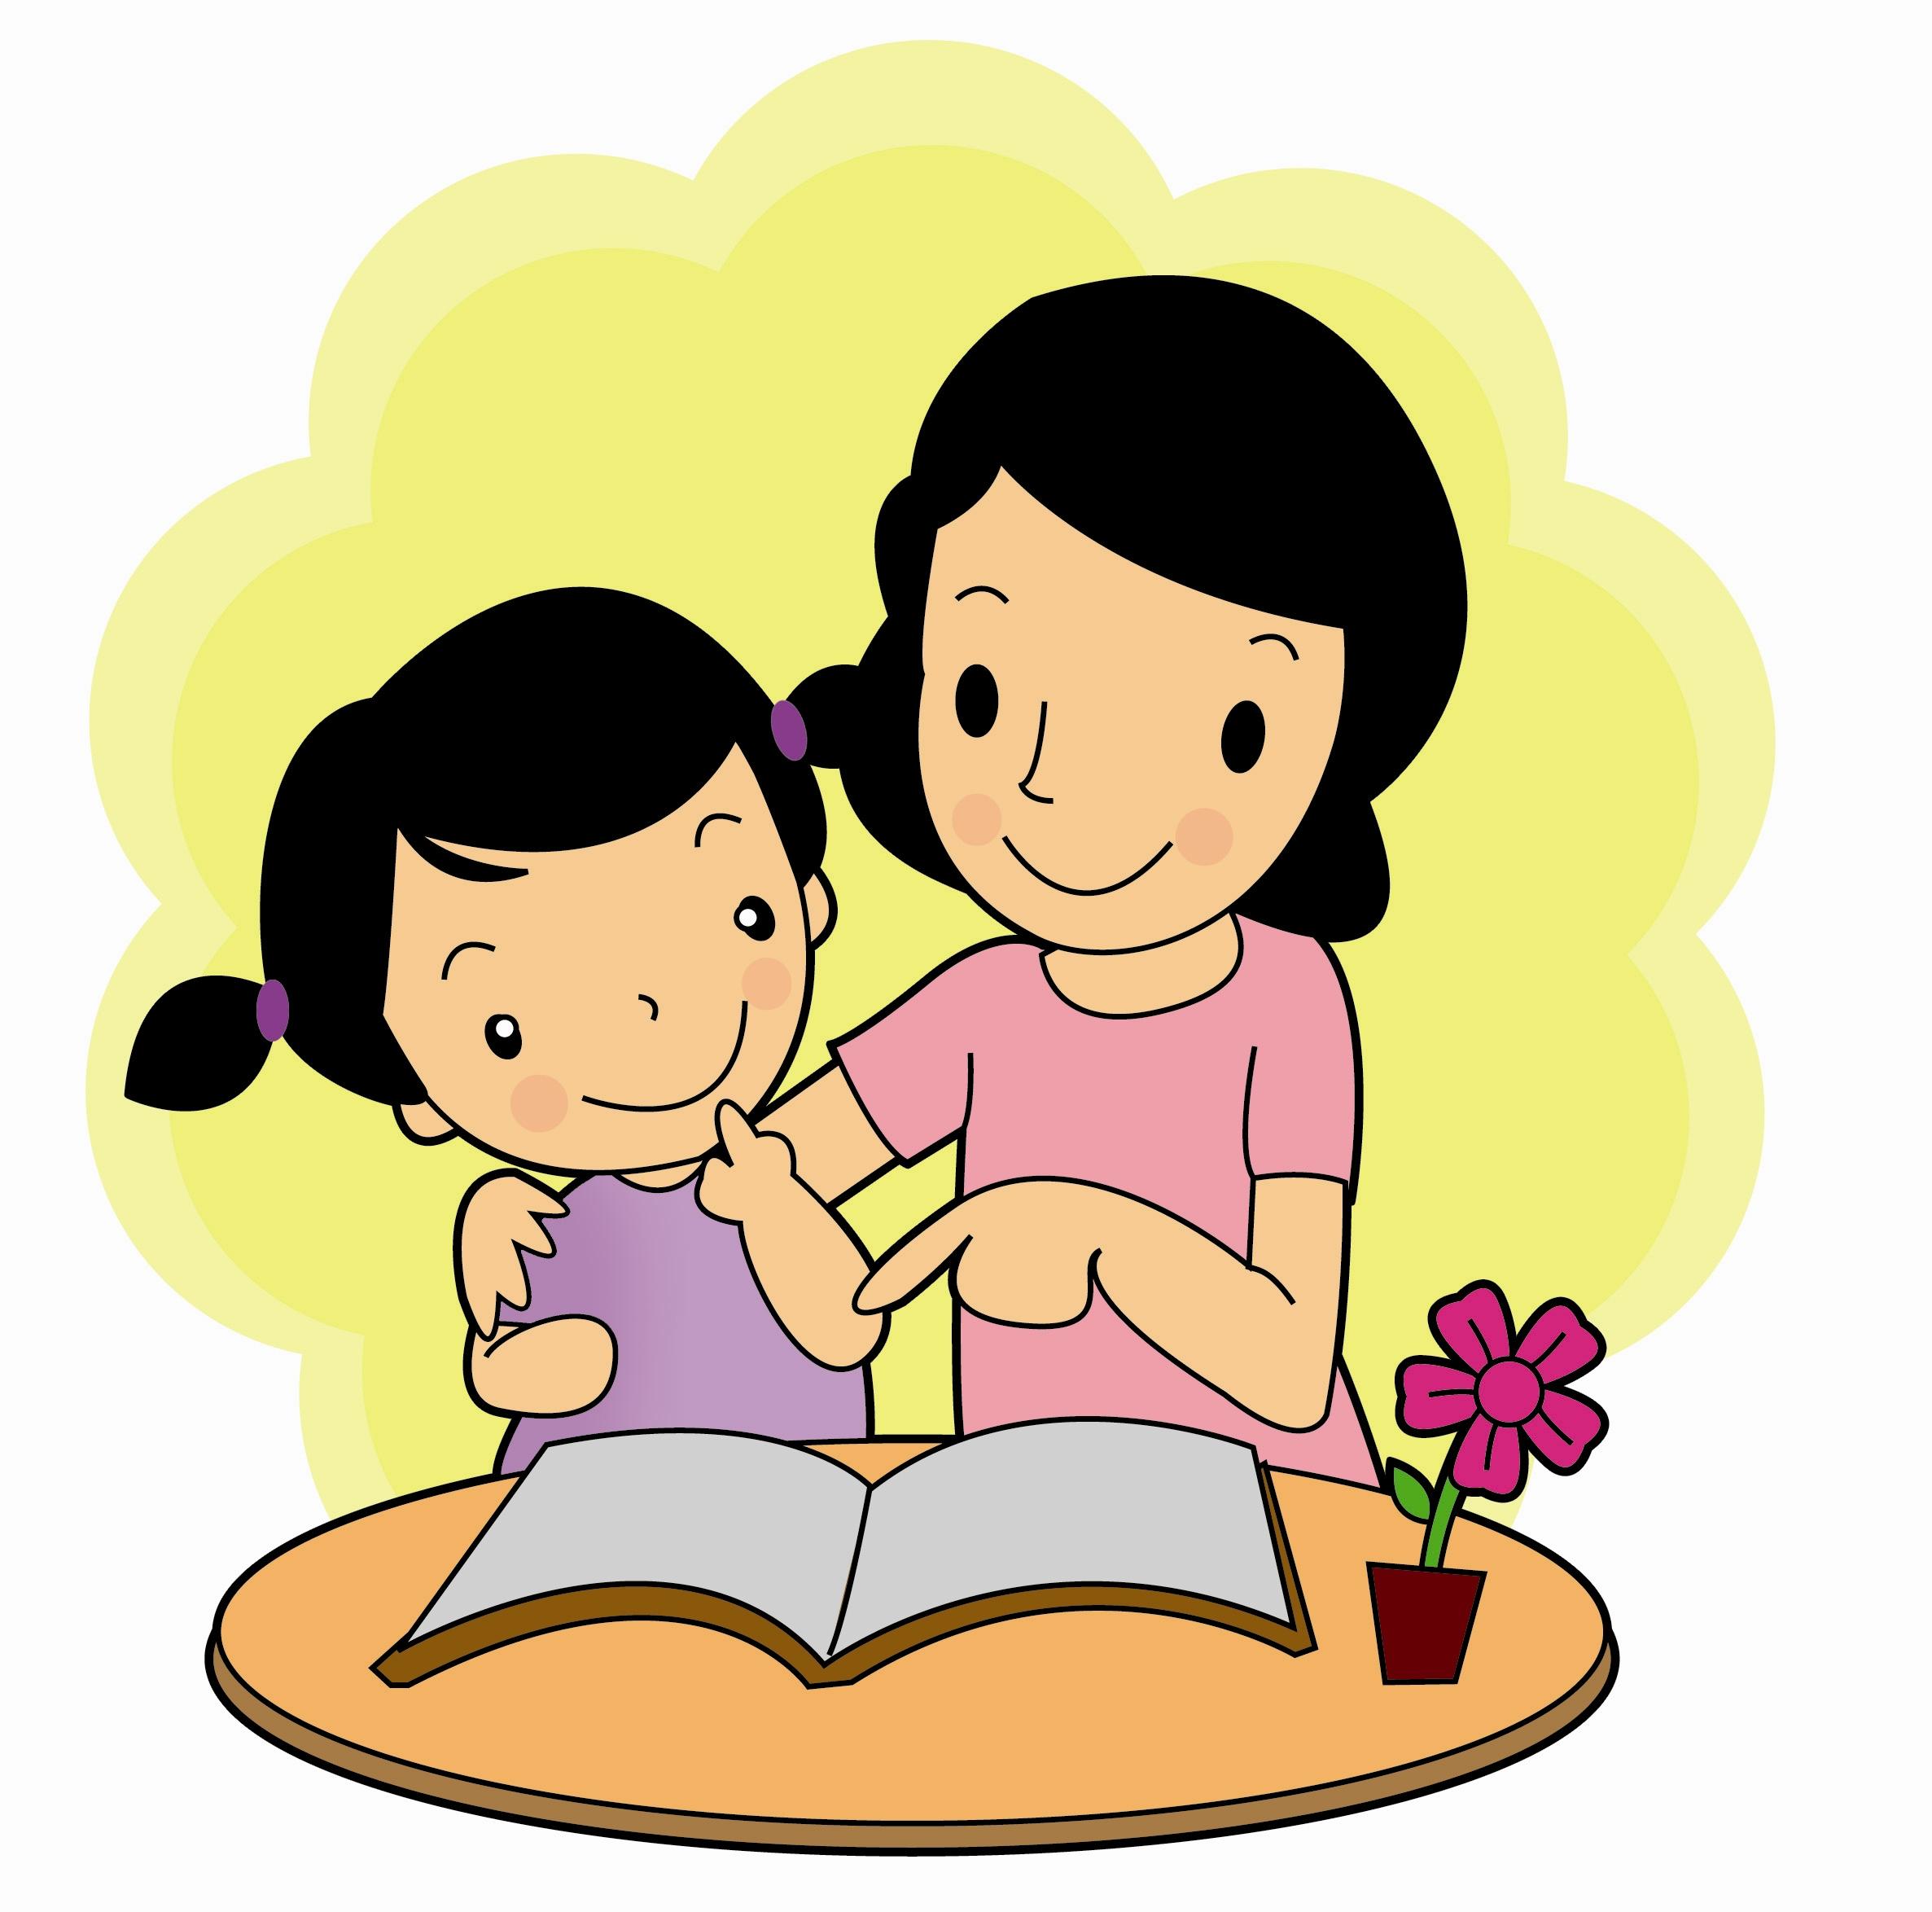 Gambar Kartun Anak Perempuan Sedang Belajar Top Gambar